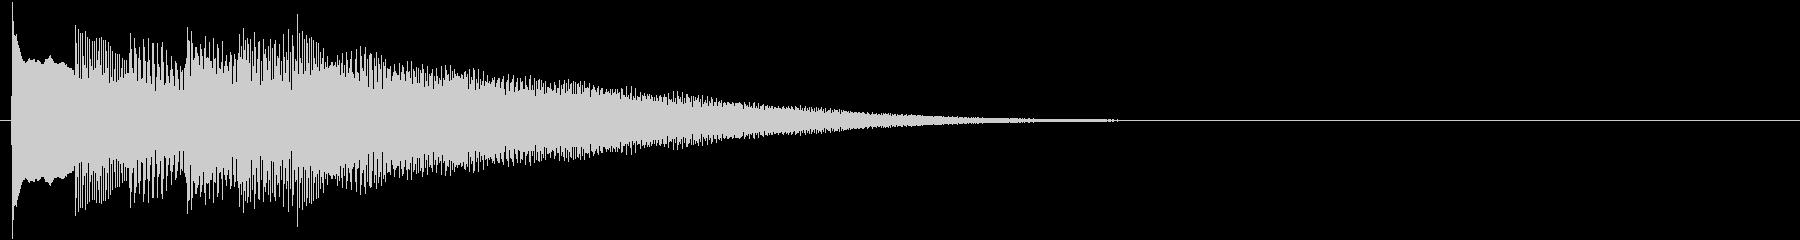 フレーズ系08 文字、スーパー表示(大)の未再生の波形